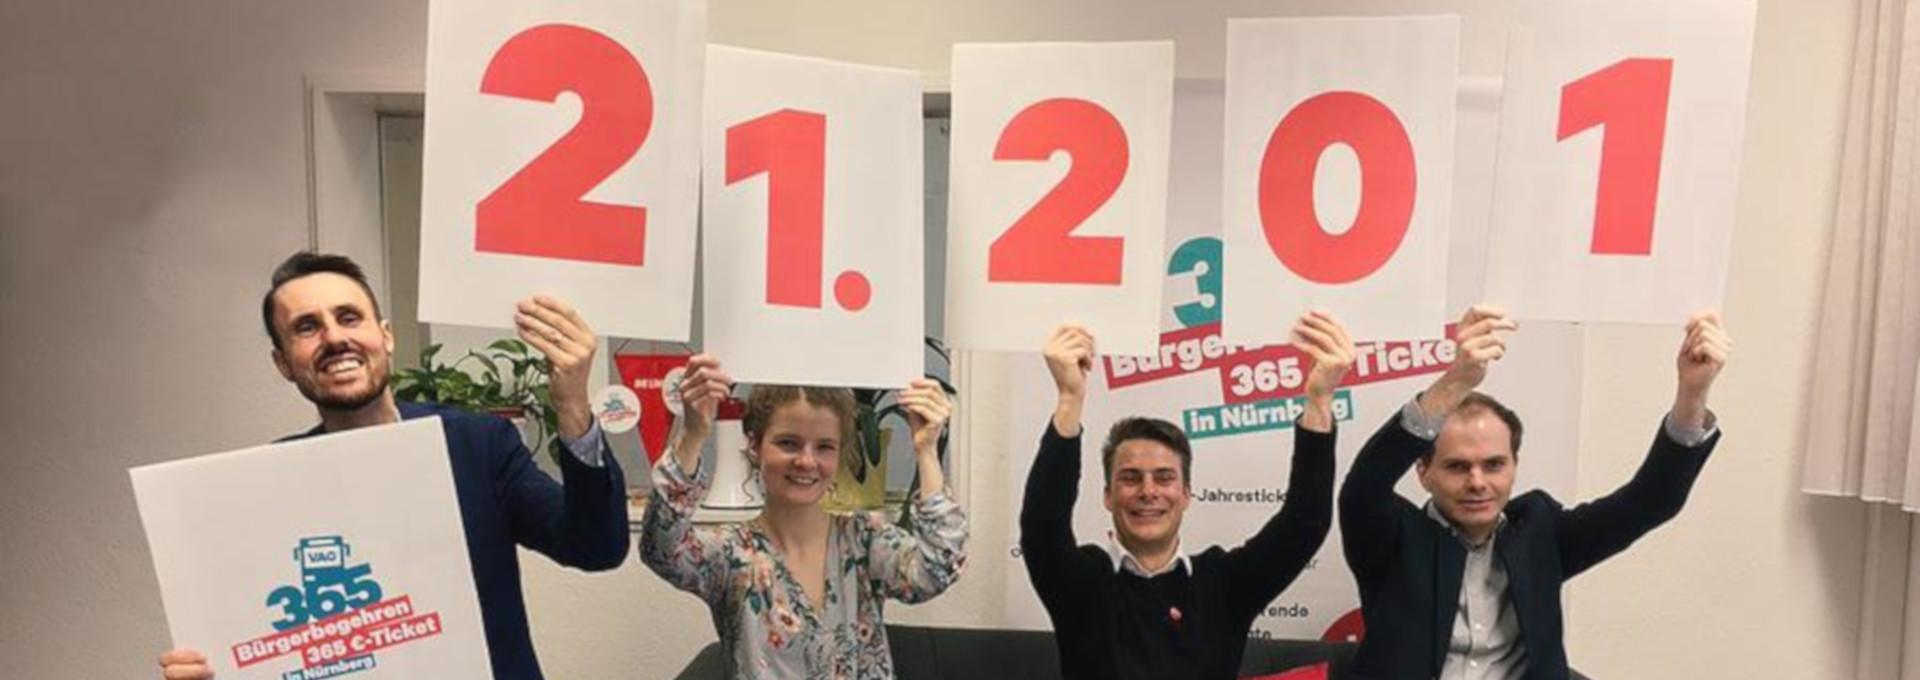 Headerbild - Initiatoren mit Schildern für Anzahl der gesammelten Unterschriften